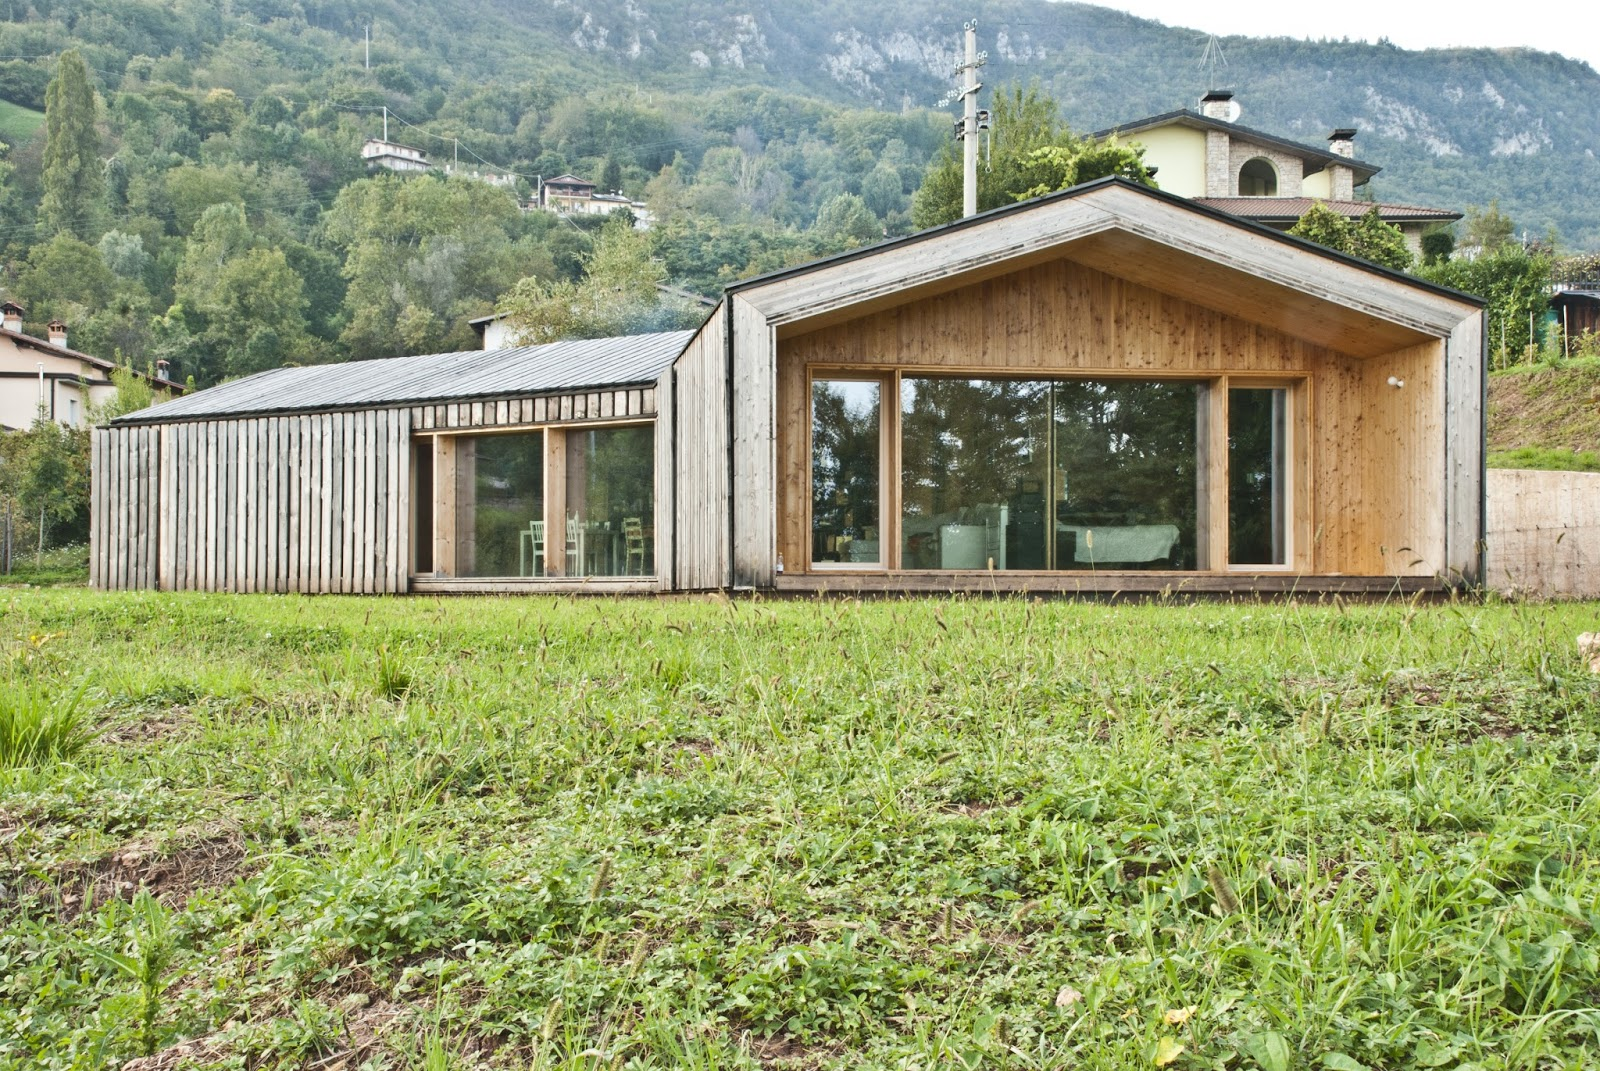 Domande e risposte su prima casa passiva di estudoquarto for Case in legno passive